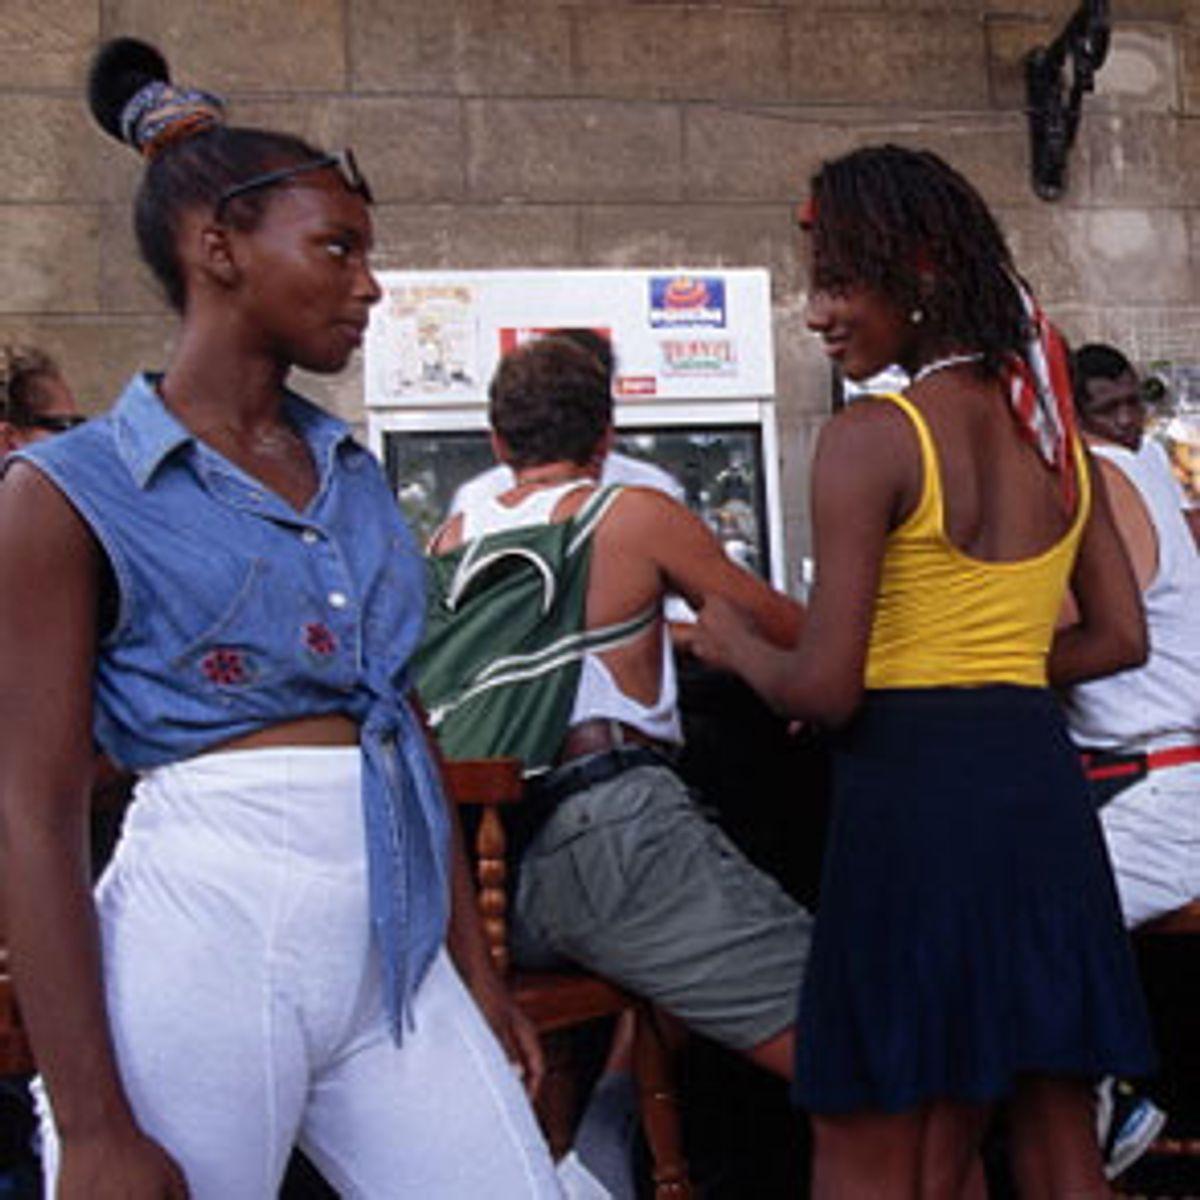 Kuba jineteras